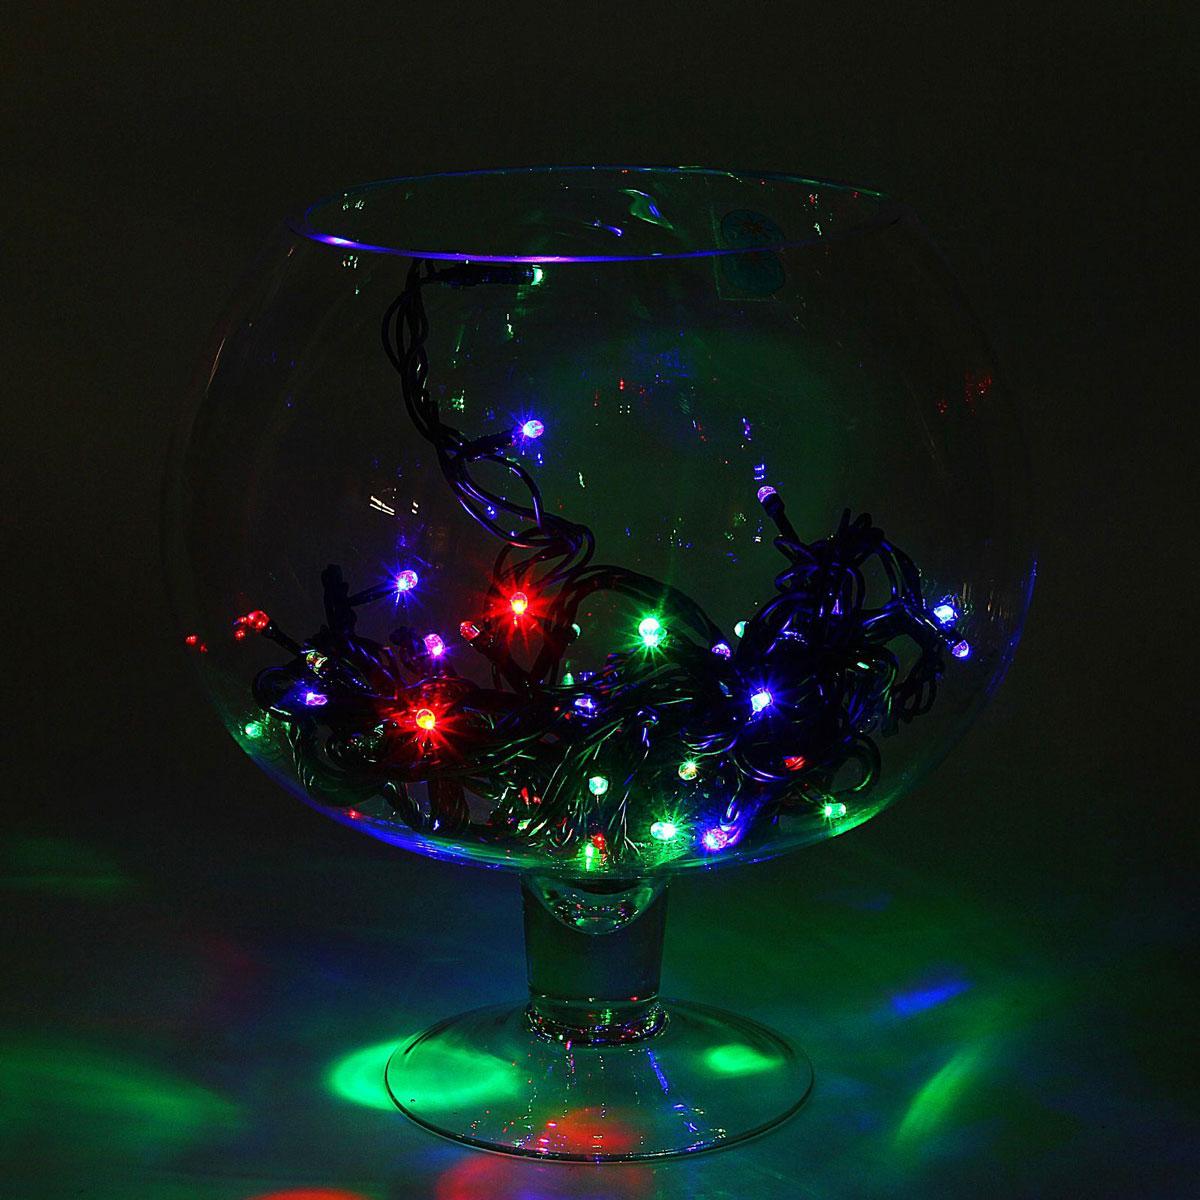 Гирлянда светодиодная Luazon Метраж, уличная, 50 ламп, 220 V, 5 м, цвет: мультиколор. 10800151672045Светодиодные гирлянды, ленты и т.д. — это отличный вариант для новогоднего оформления интерьера или фасада. С их помощью помещение любого размера можно превратить в праздничный зал, а внешние элементы зданий, украшенные ими, мгновенно станут напоминать очертания сказочного дворца. Такие украшения создают ауру предвкушения чуда. Деревья, фасады, витрины, окна и арки будто специально созданы, чтобы вы украсили их светящимися нитями.